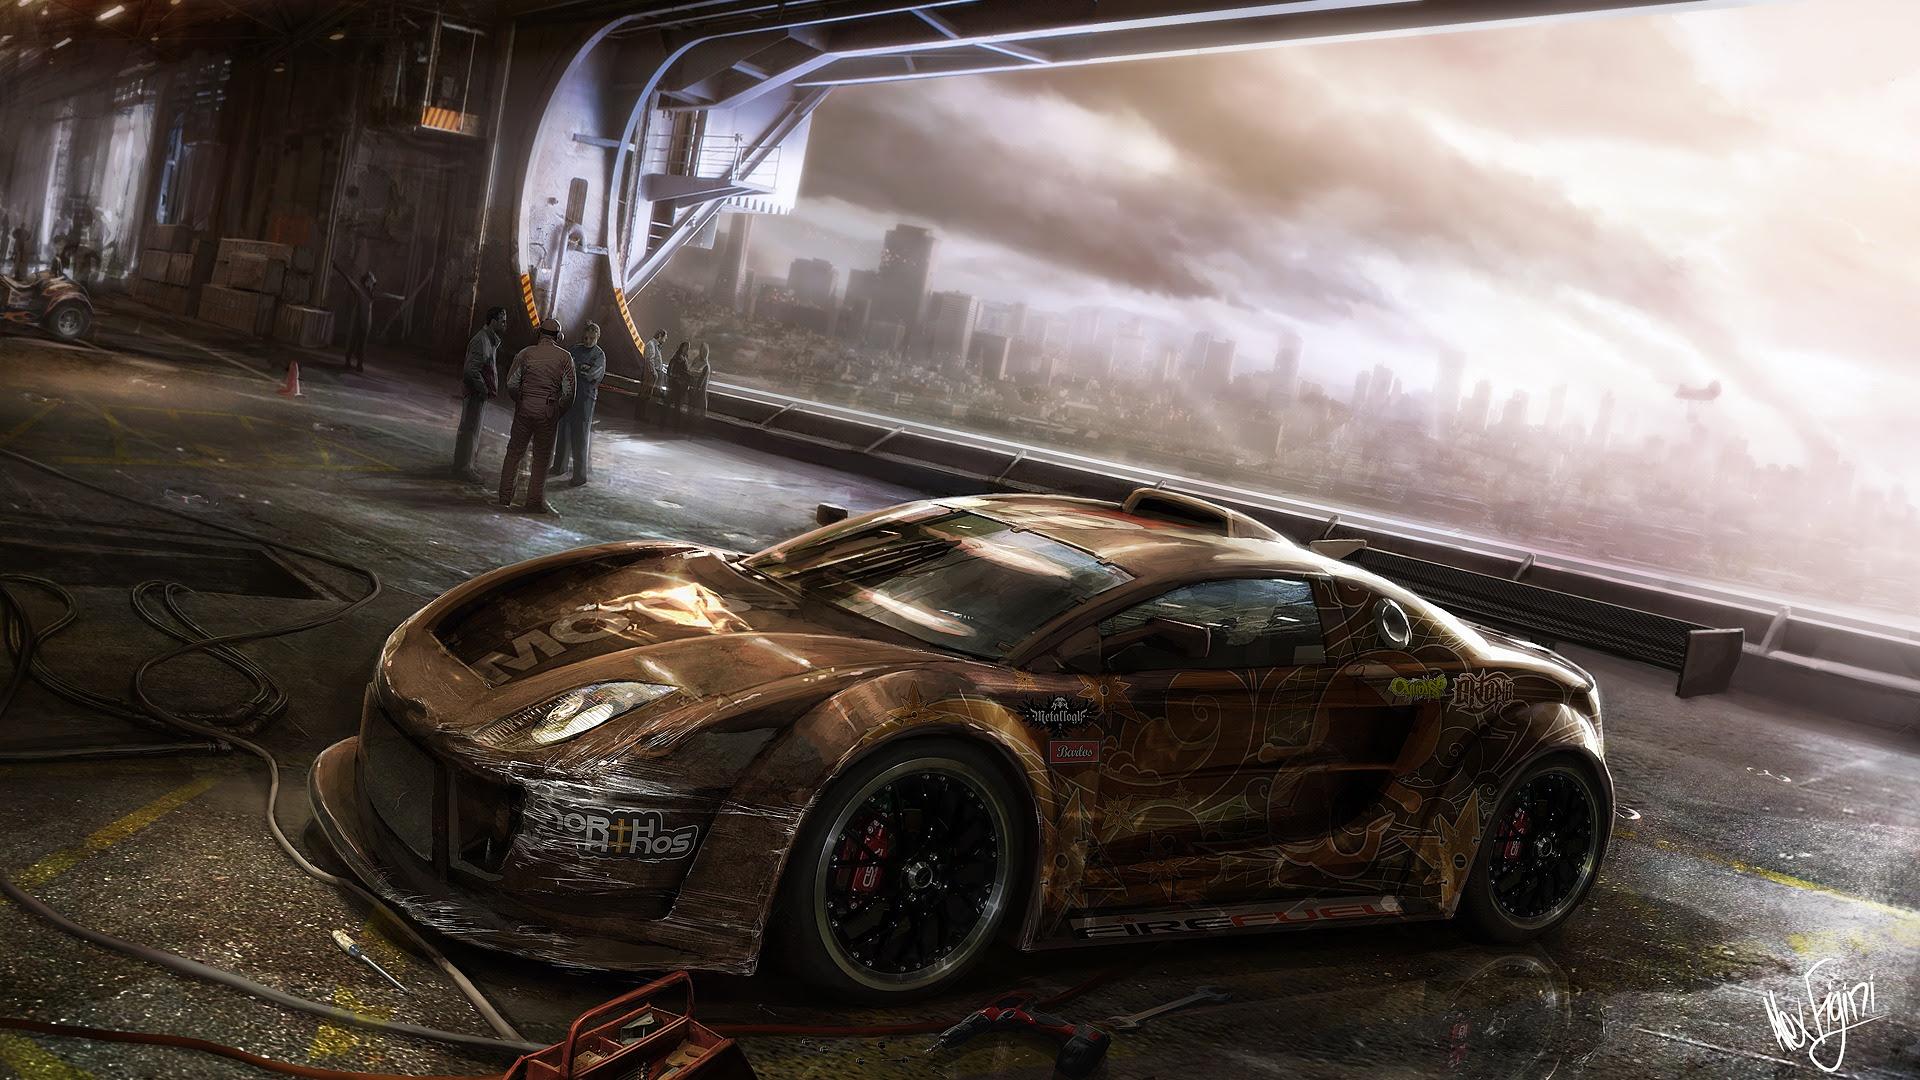 Bmw I8 Concept Car Hd Wallpaper Bighdwalls Automotive Wallpapers Hd